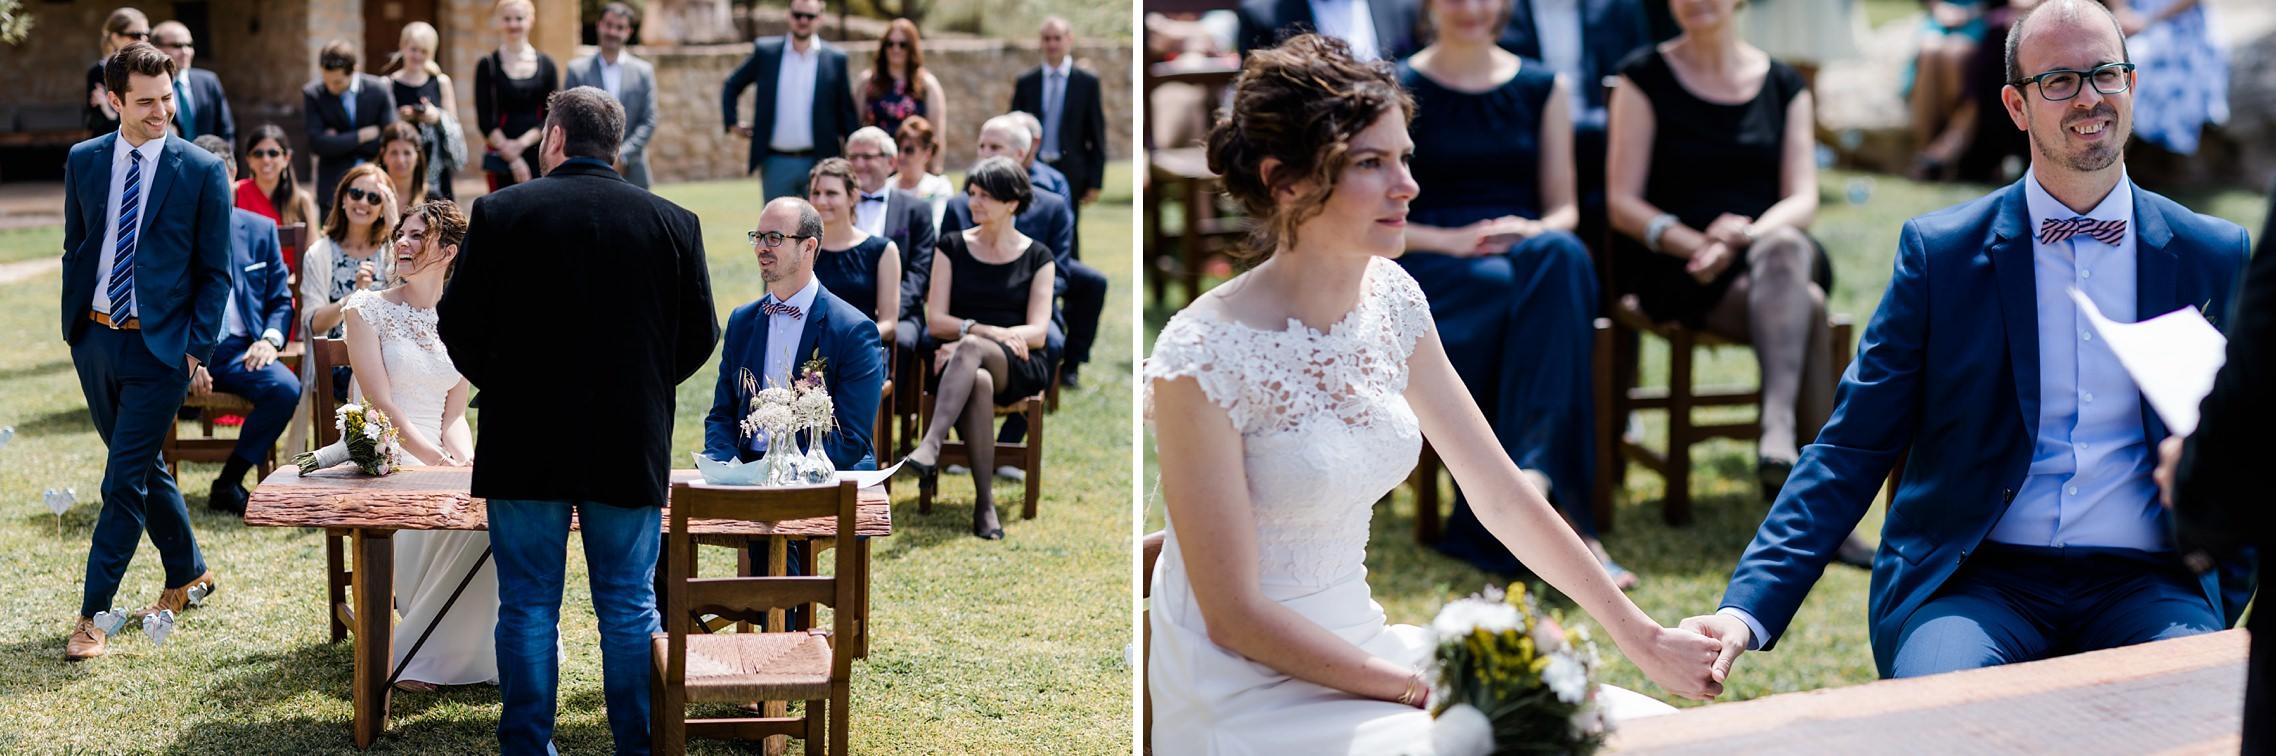 Trau-Zeremonie auf der Finca-Hochzeit